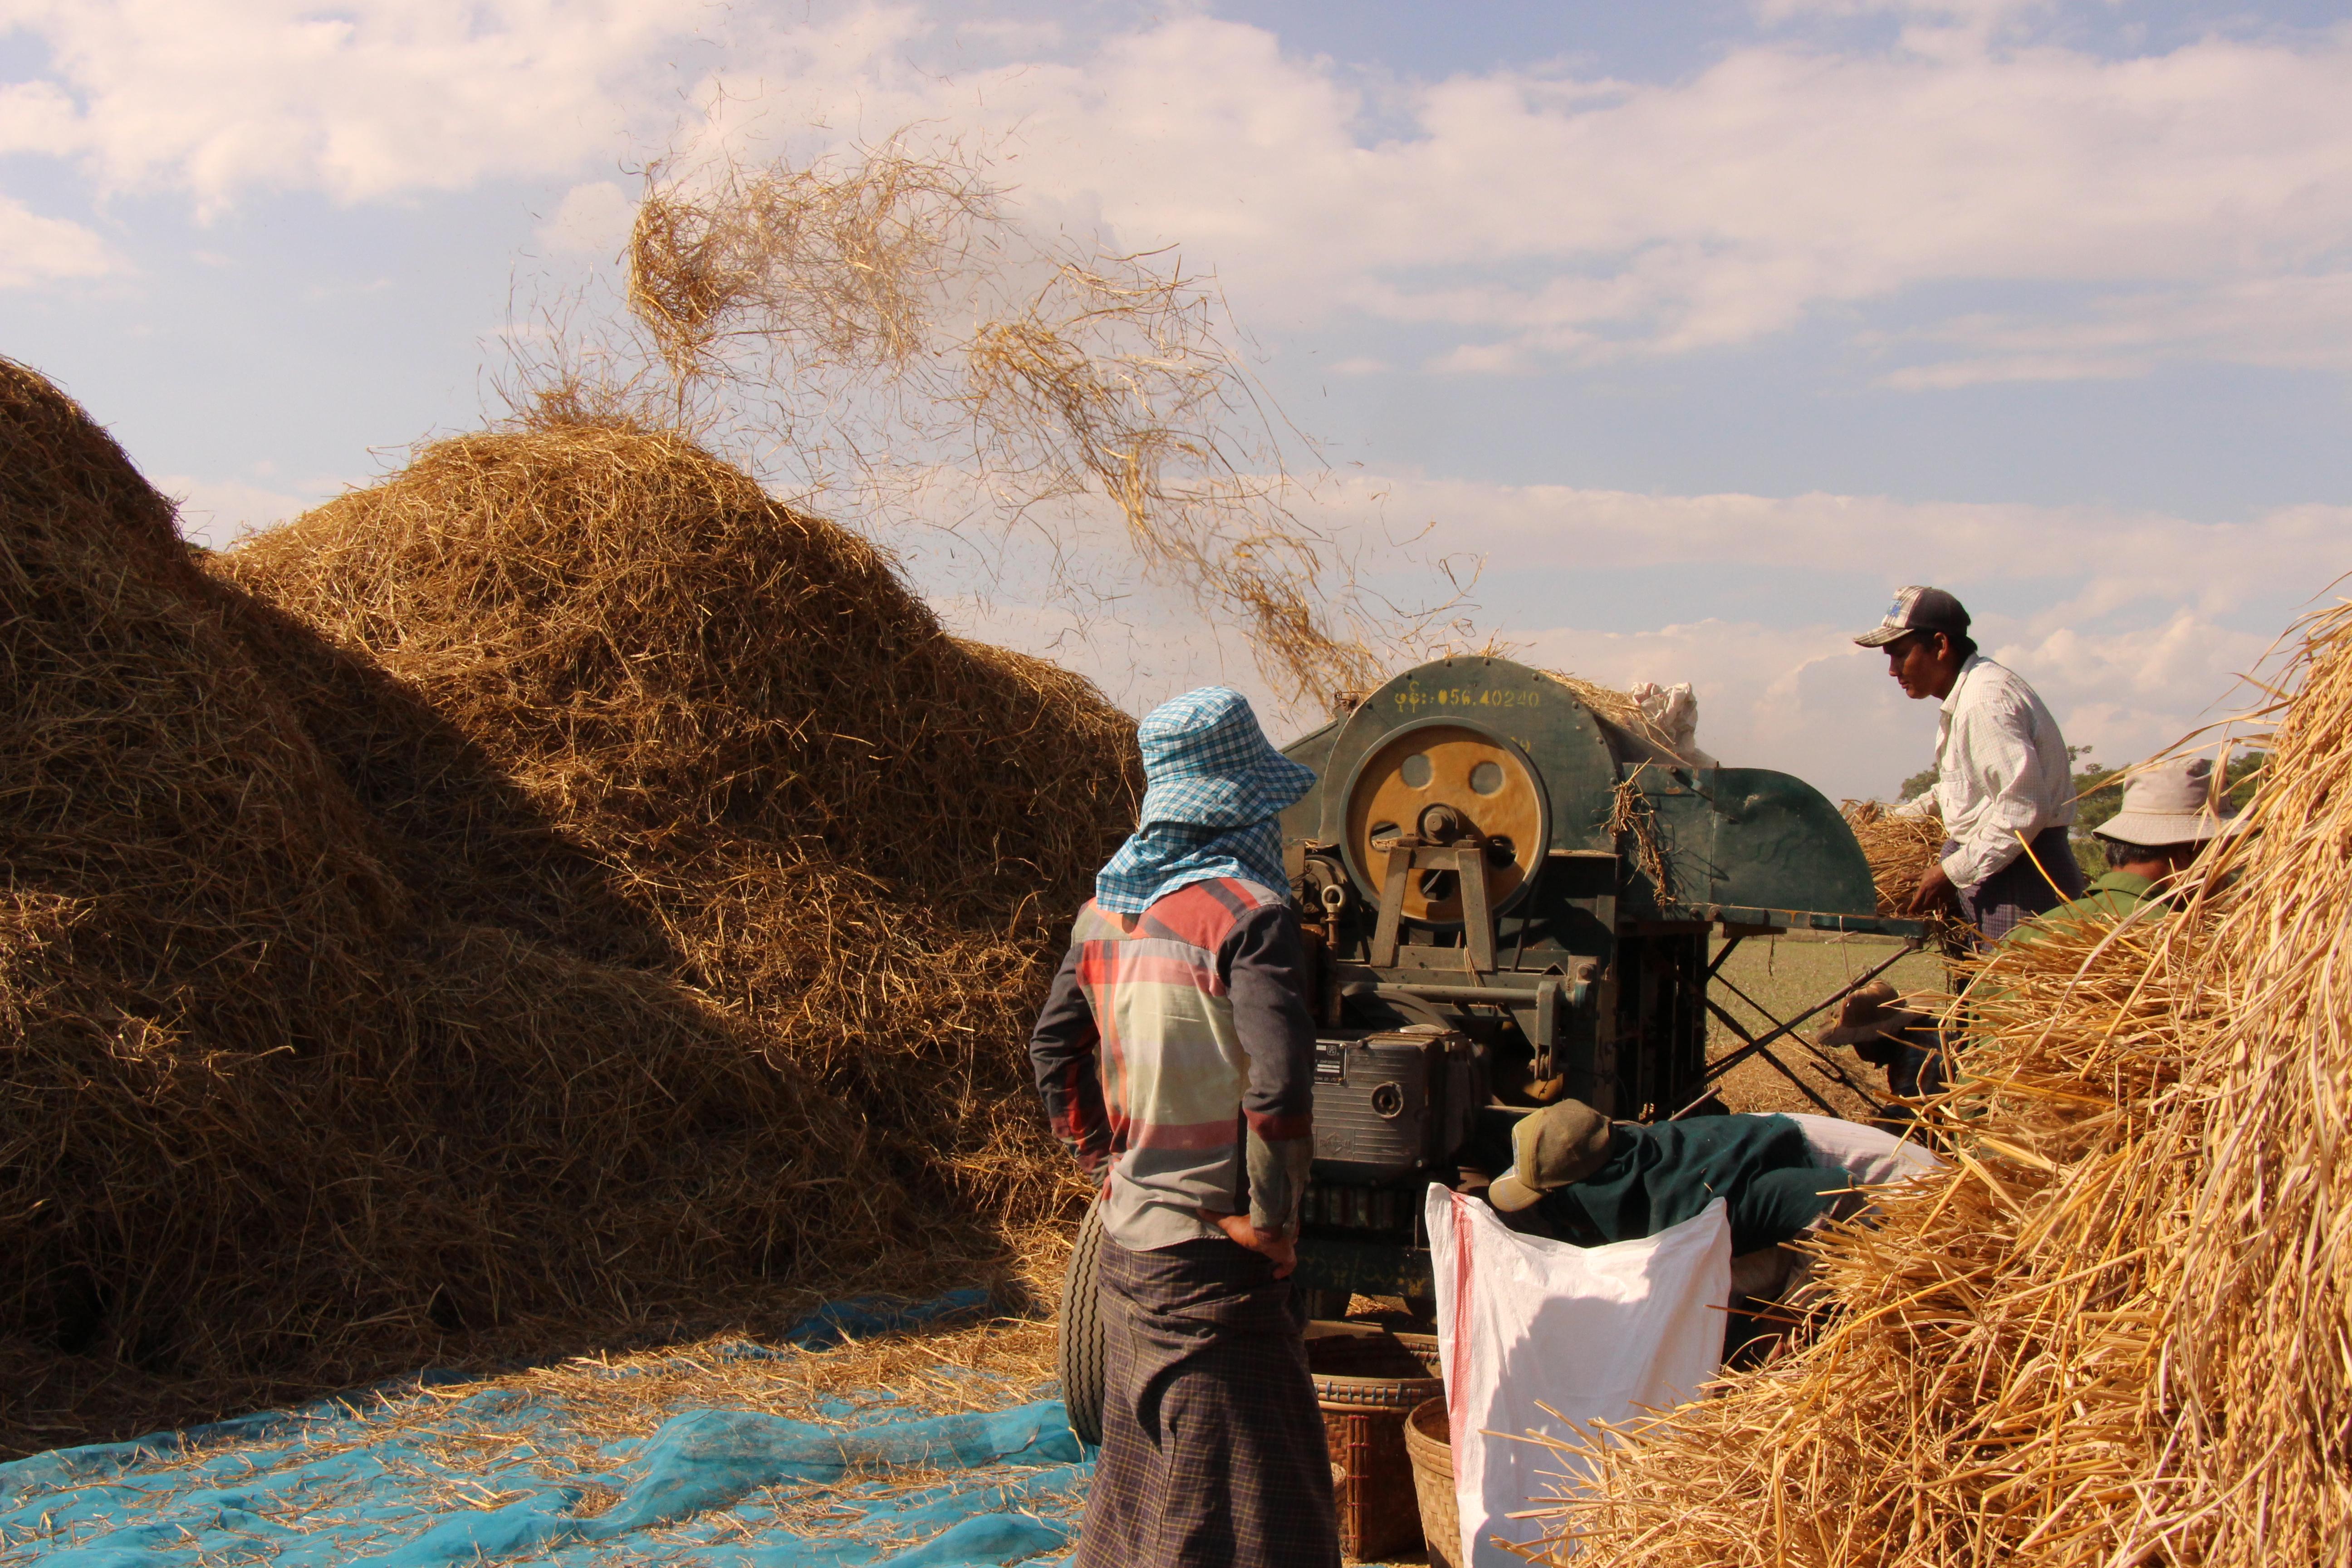 မွန်ပြည်နယ်ရှိ ဆန်စက်လုပ်ငန်းရှင်များ ချေးငွေရရှိရေးအတွက် အကူအညီ တောင်းခံနိုင်